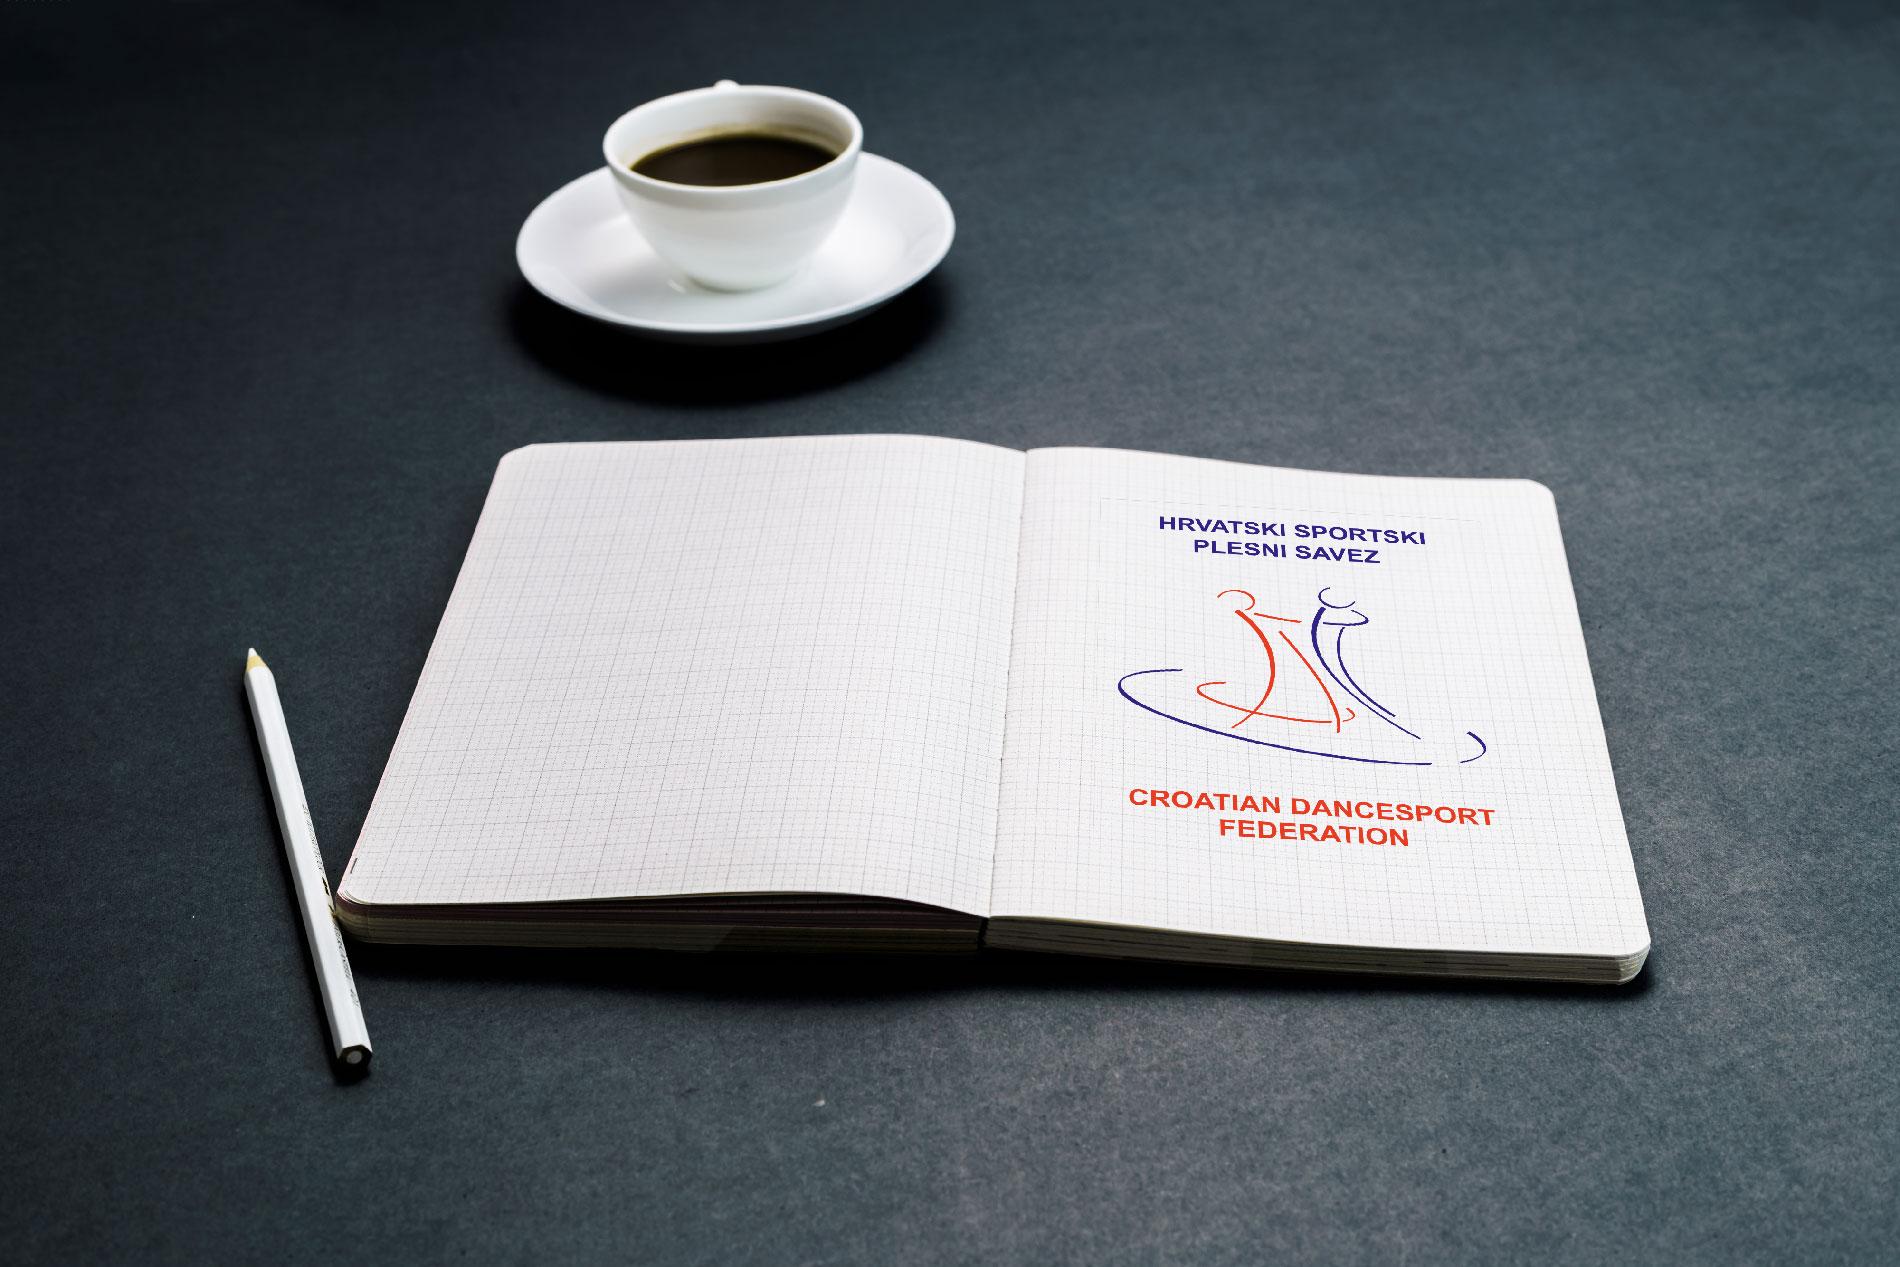 Natječaj za izobrazbu sudaca